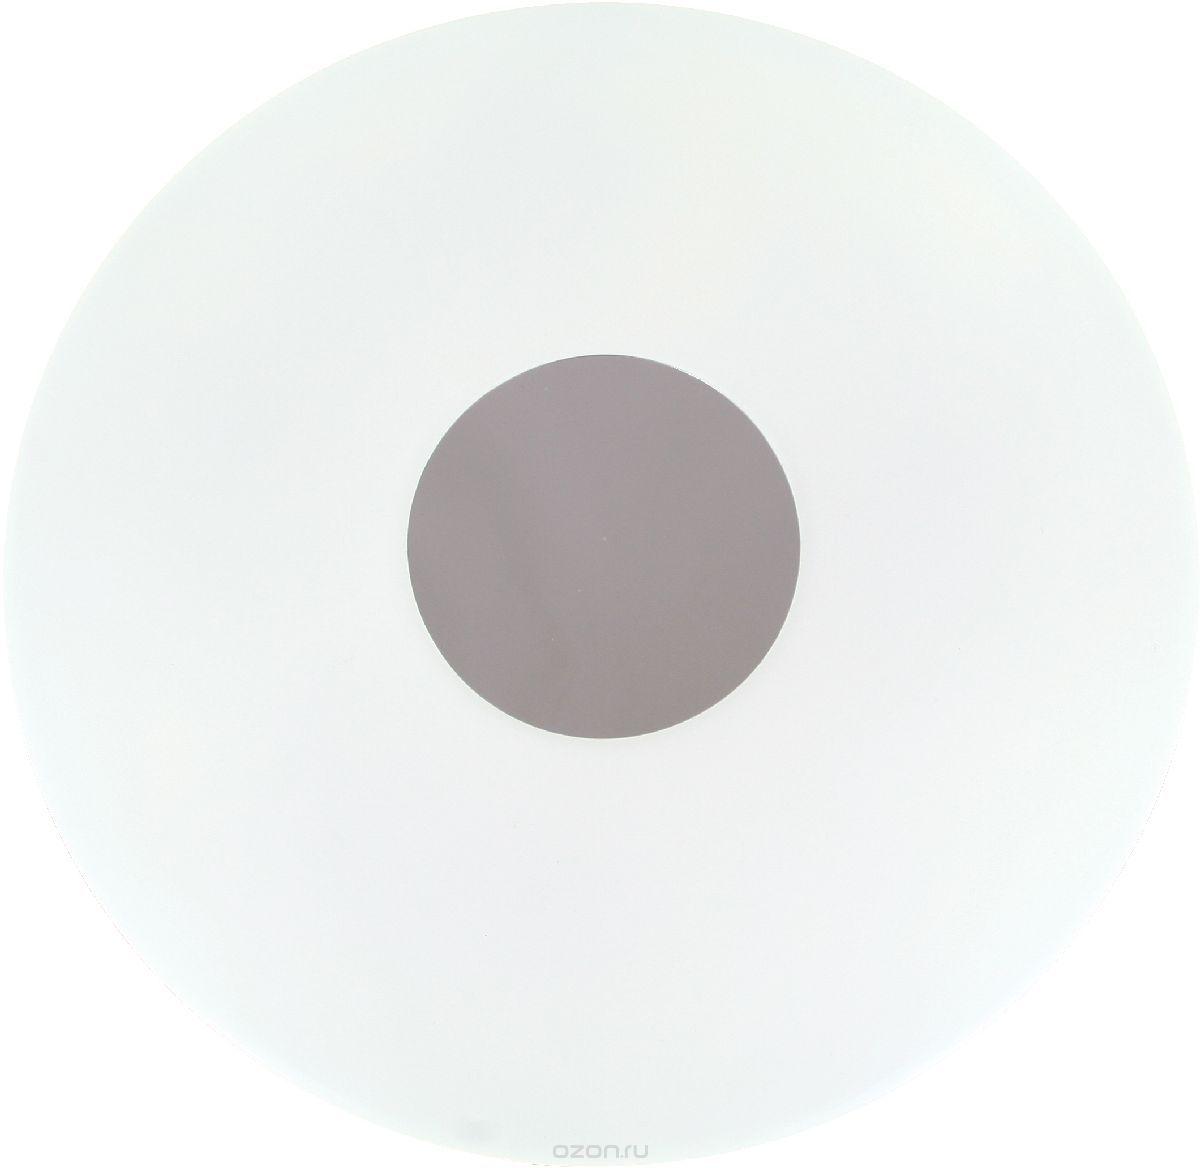 Светильник светод-ый круглый Камелион LBS-0405,36Вт,4500К